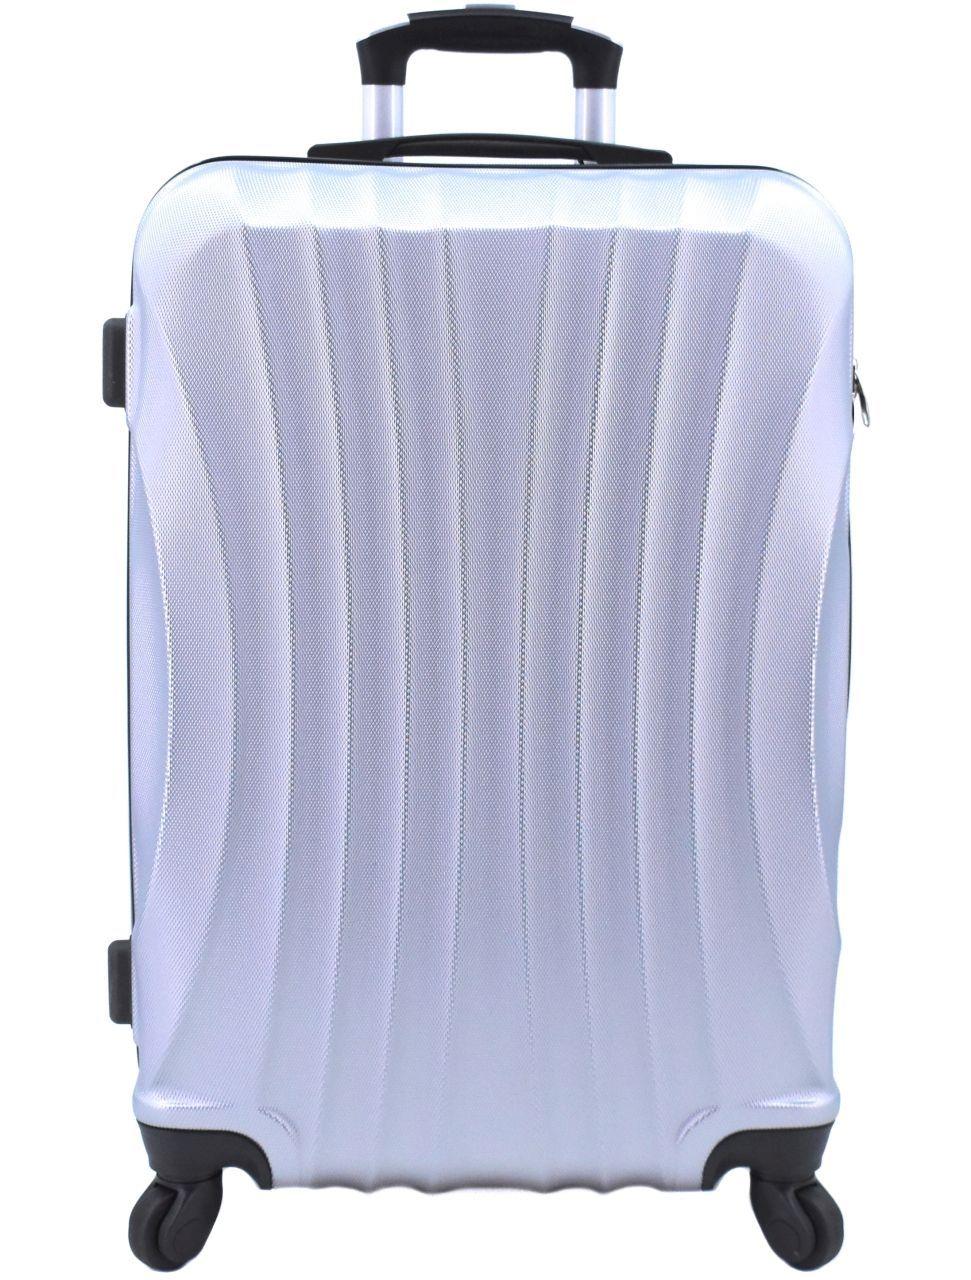 Cestovní skořepina kufr na čtyřech kolečkách Arteddy - (M) 60l stříbrná 6020 (M)